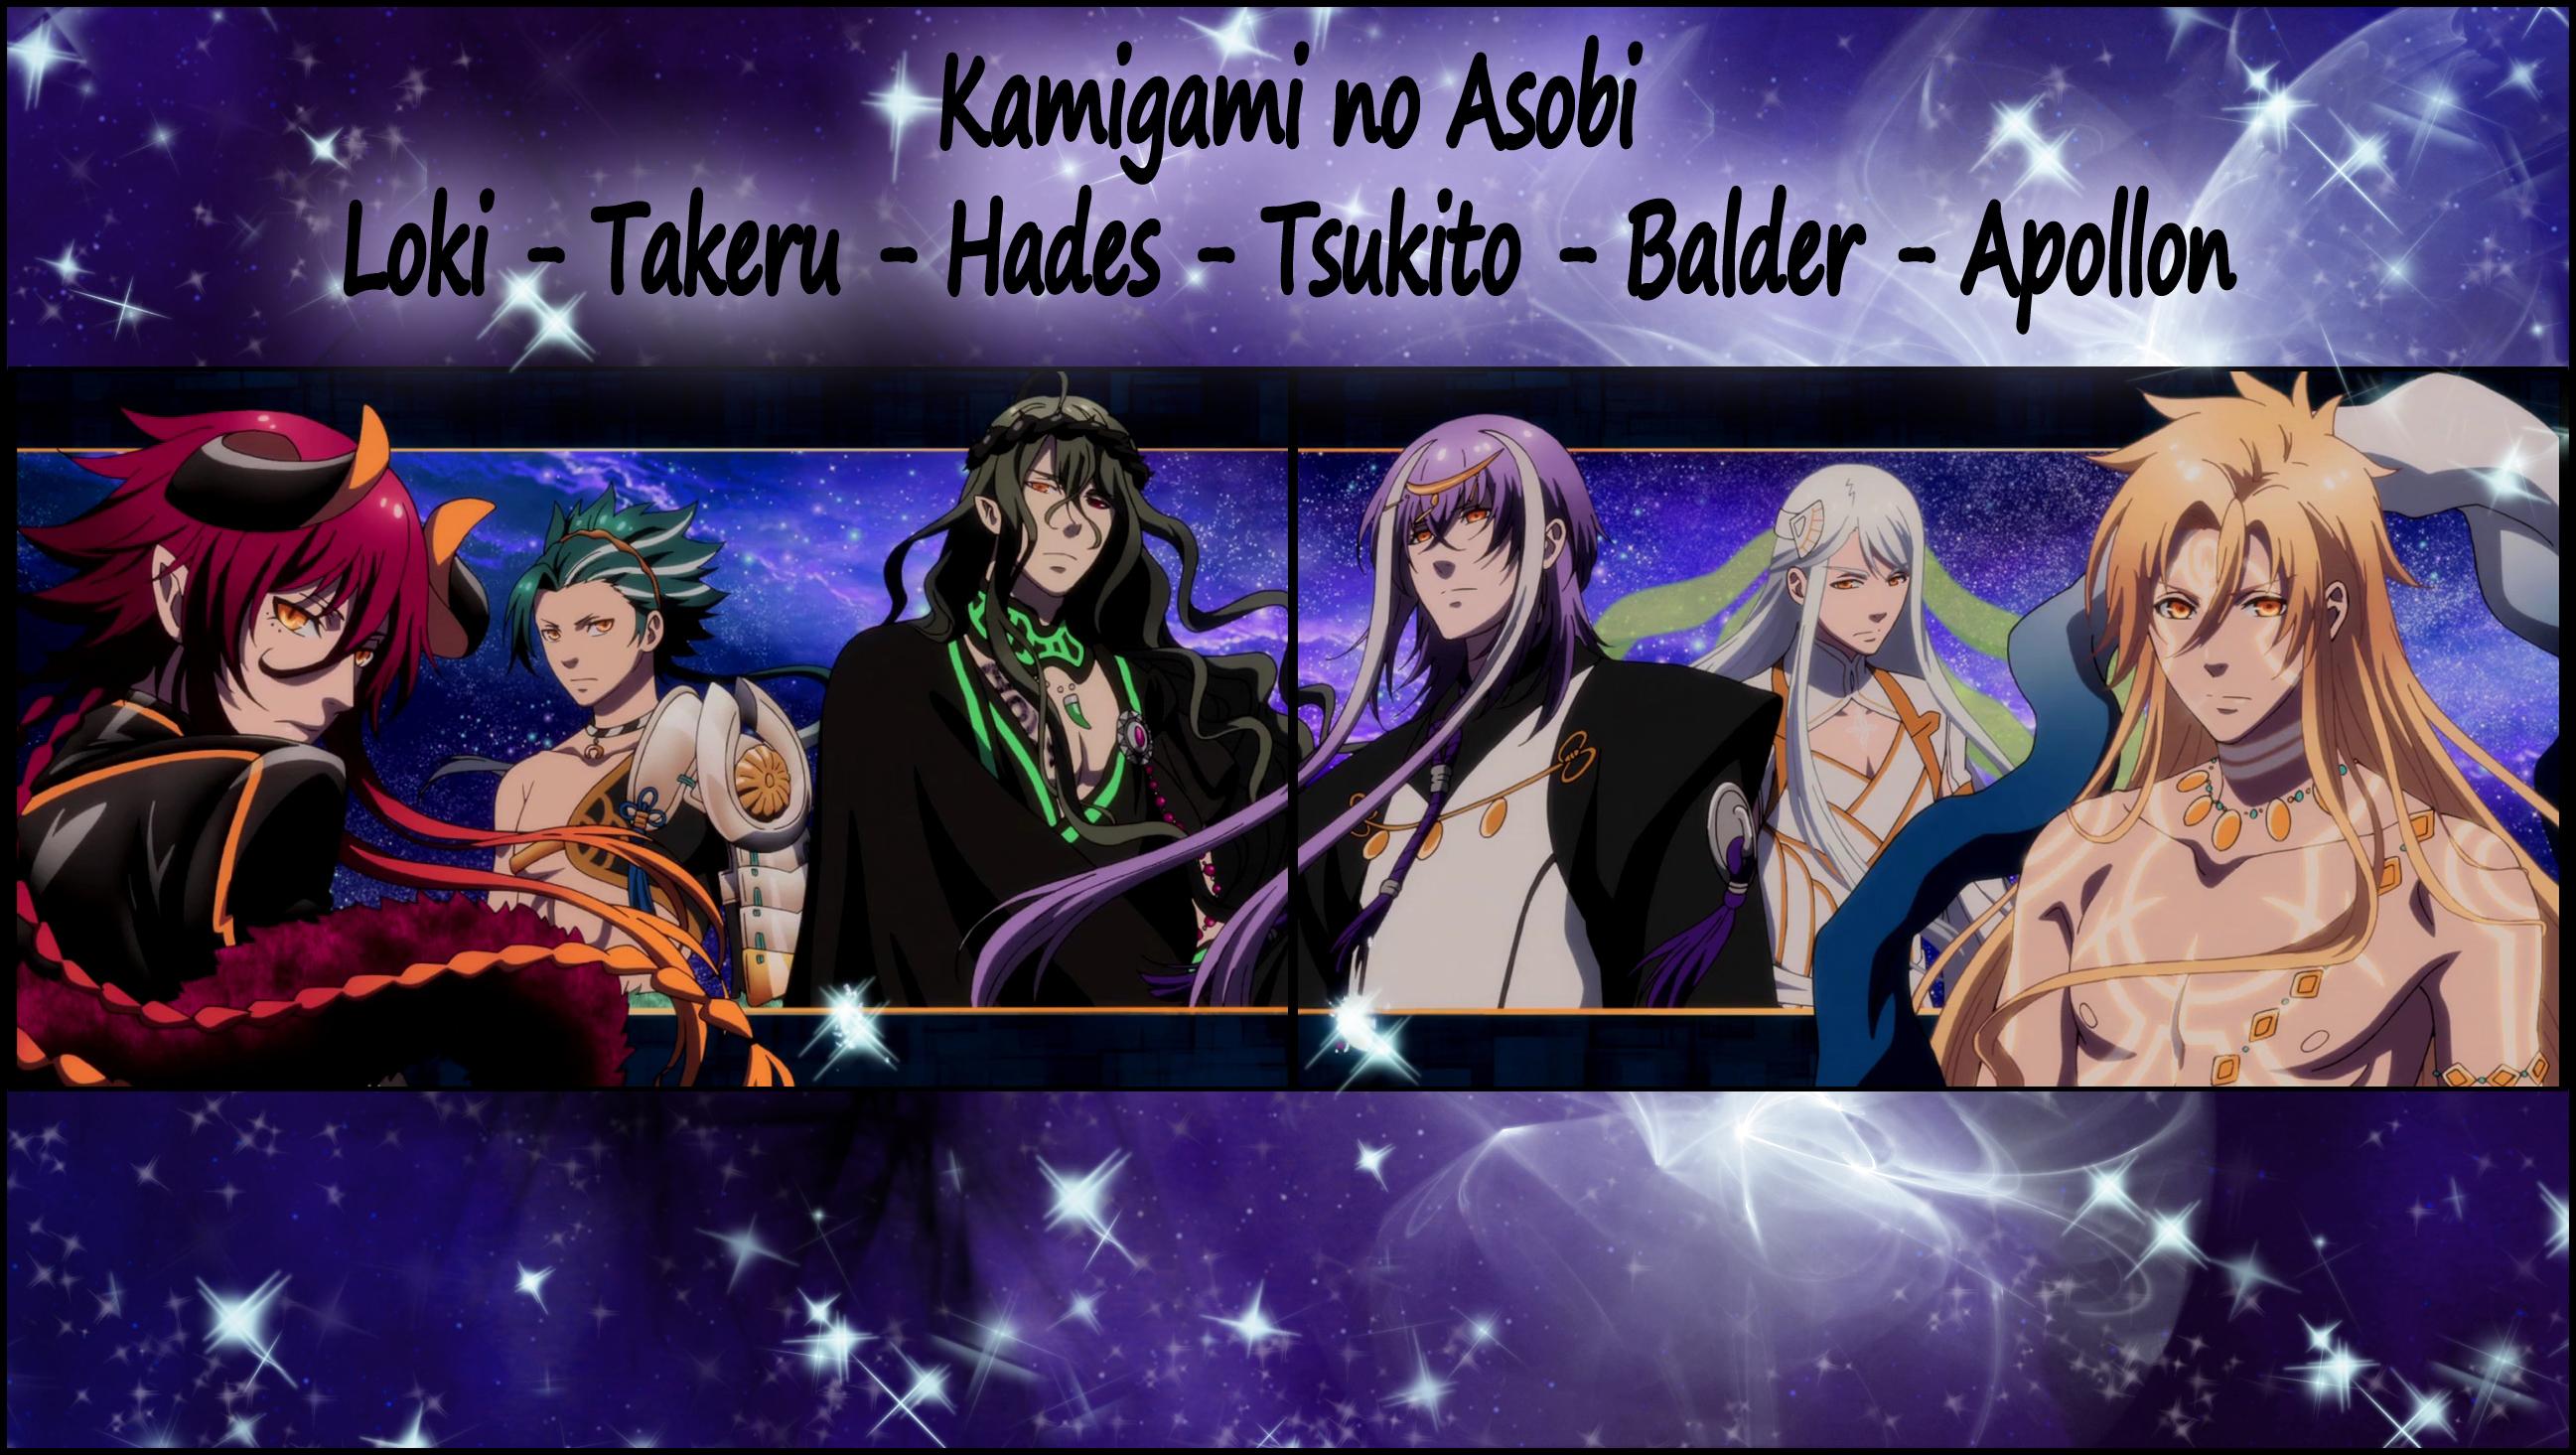 Kamigami no Asobi Wallpaper 6 by ng9 on DeviantArt